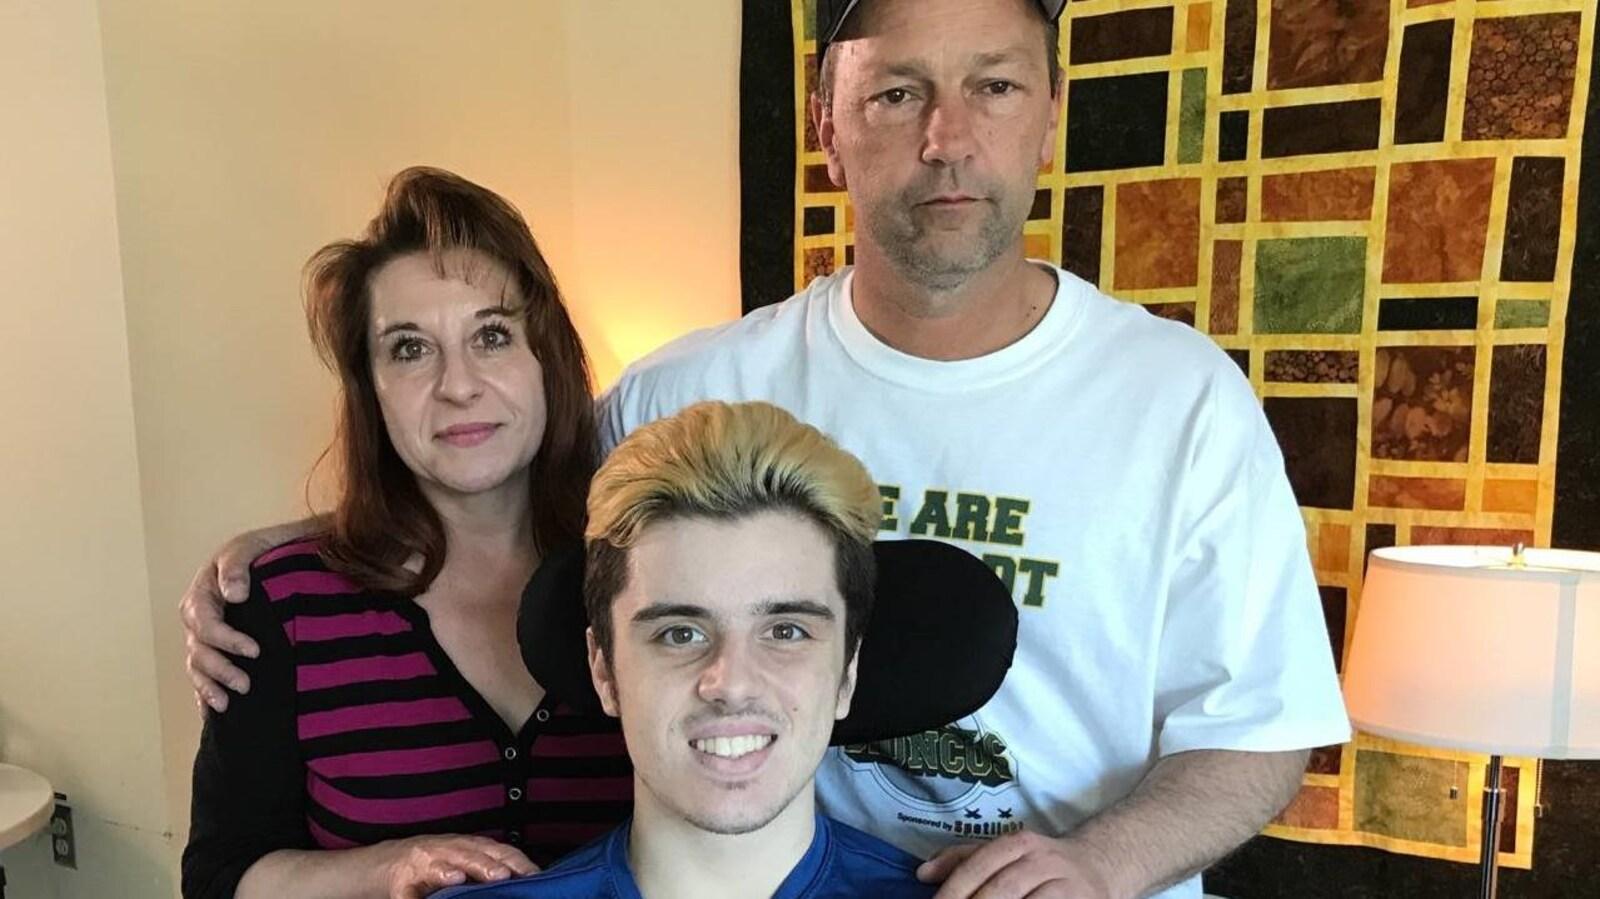 Vue sur une mère, père et un jeune homme dans un fauteuil roulant